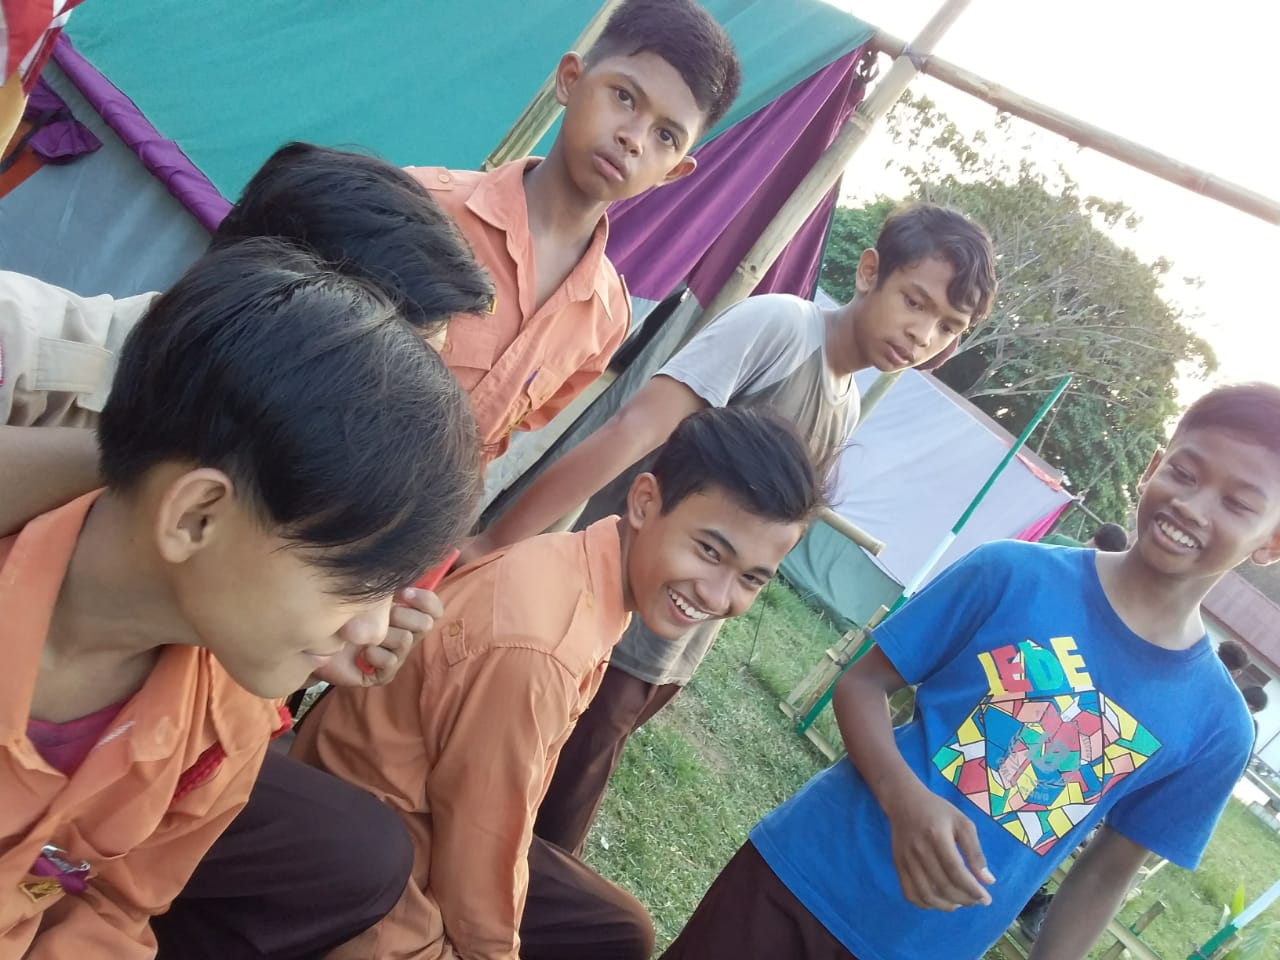 Foto Kegiatan Pramuka MTs Nurul Huda Di Perjusami SMA Negeri 2 Tandun